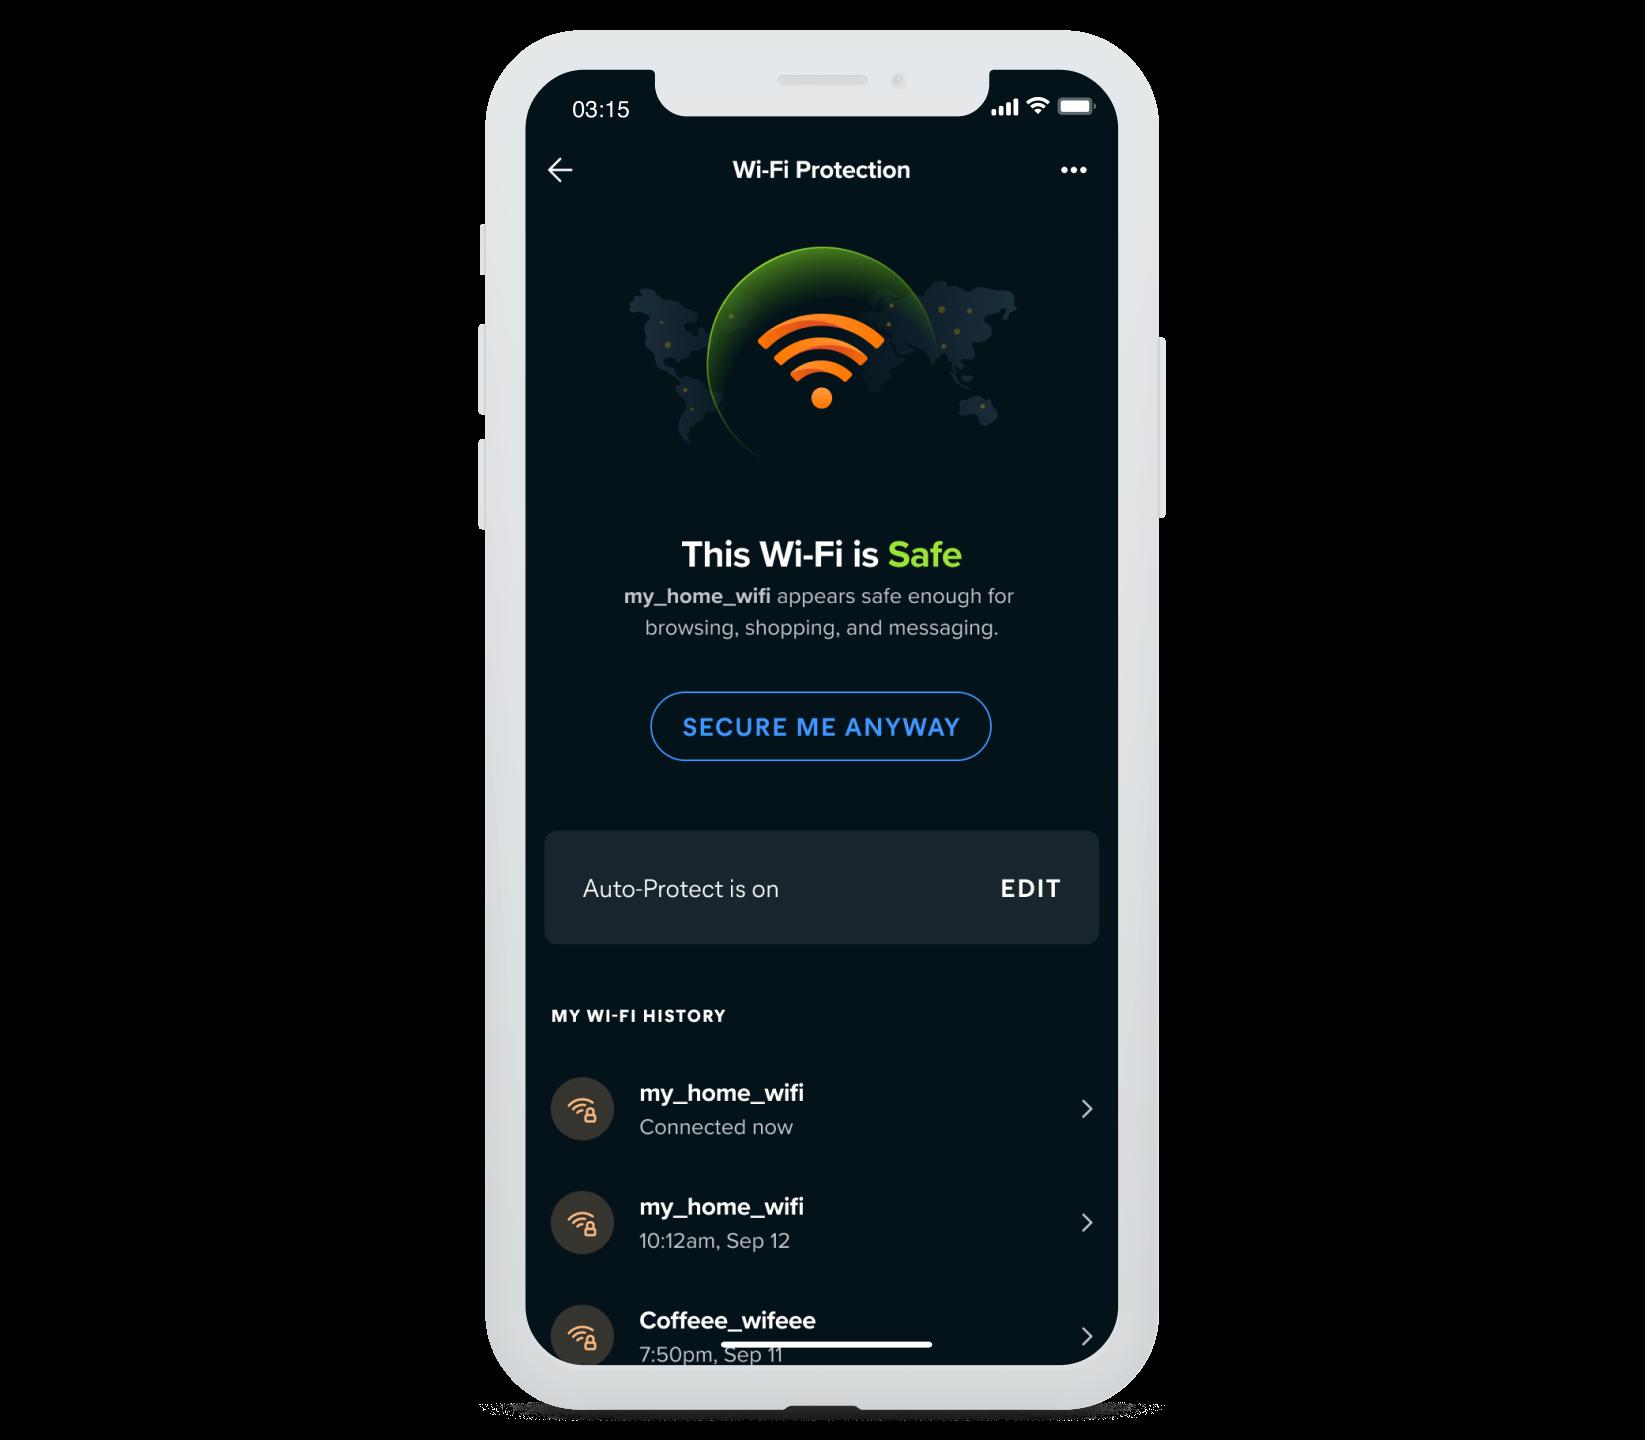 التحقق بسهولة من أمن Wi-Fi